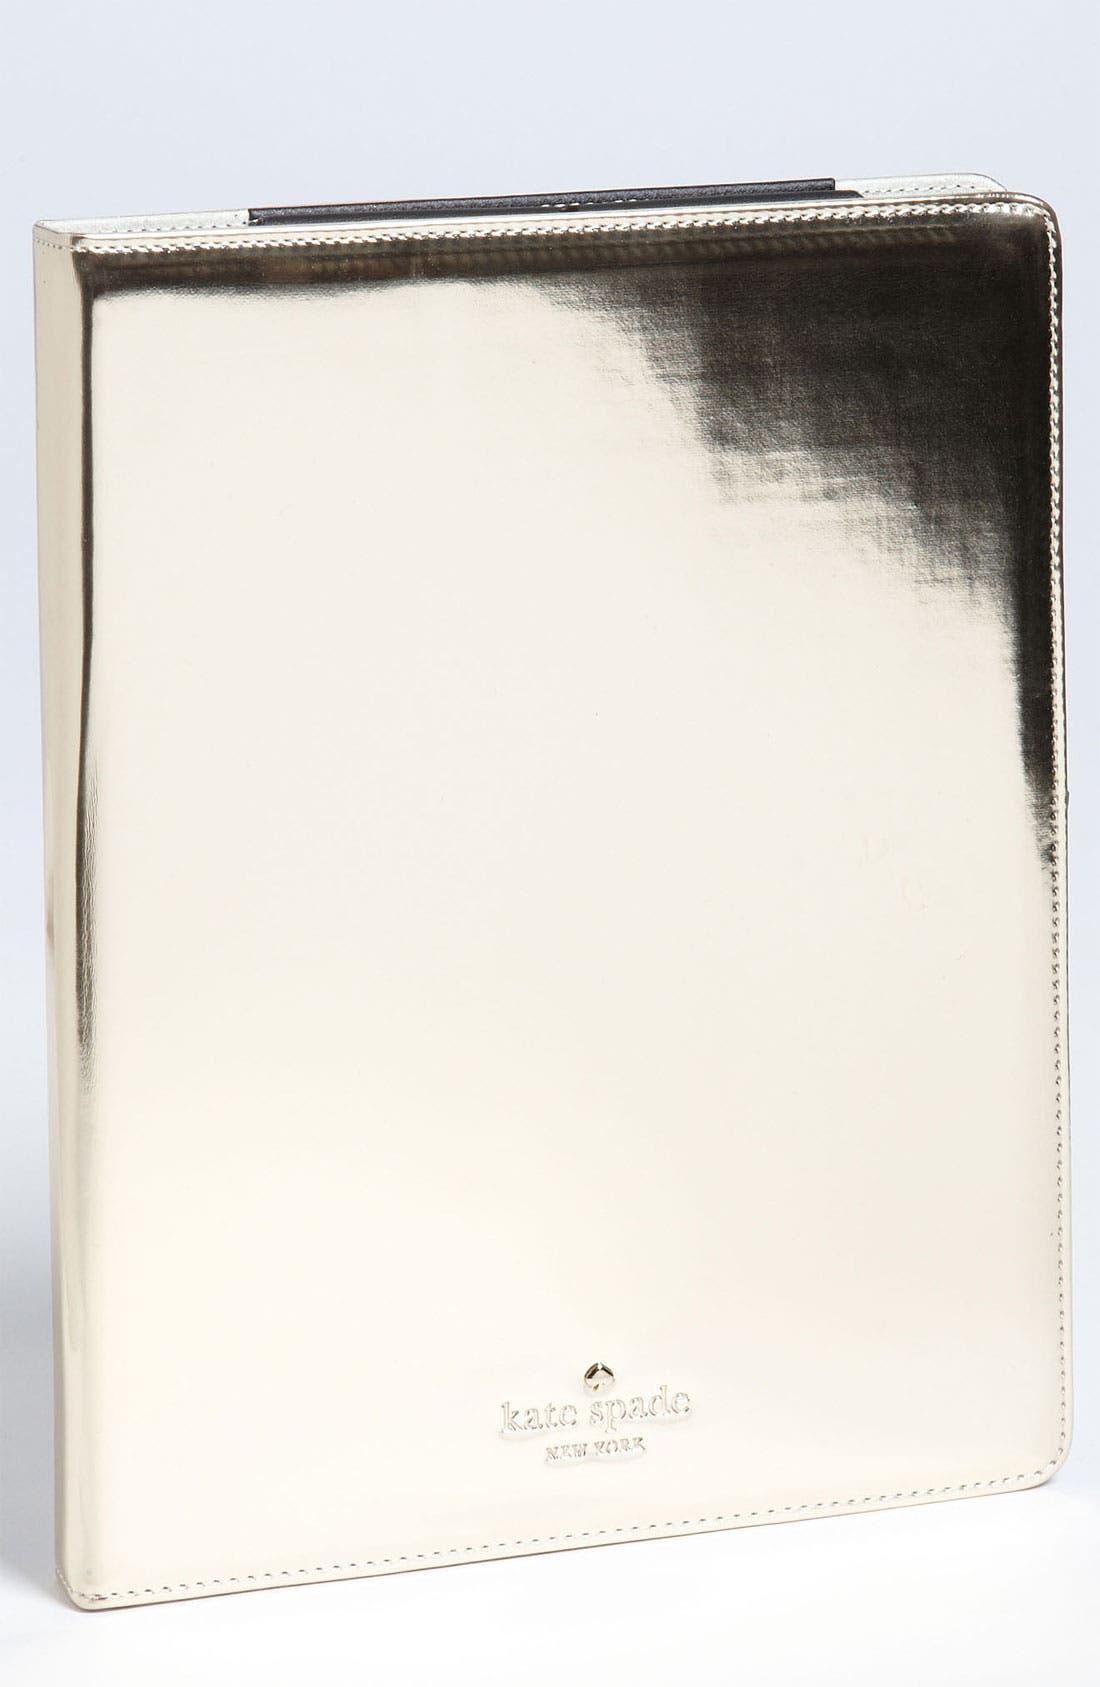 Main Image - kate spade new york iPad 2 & 3 folio